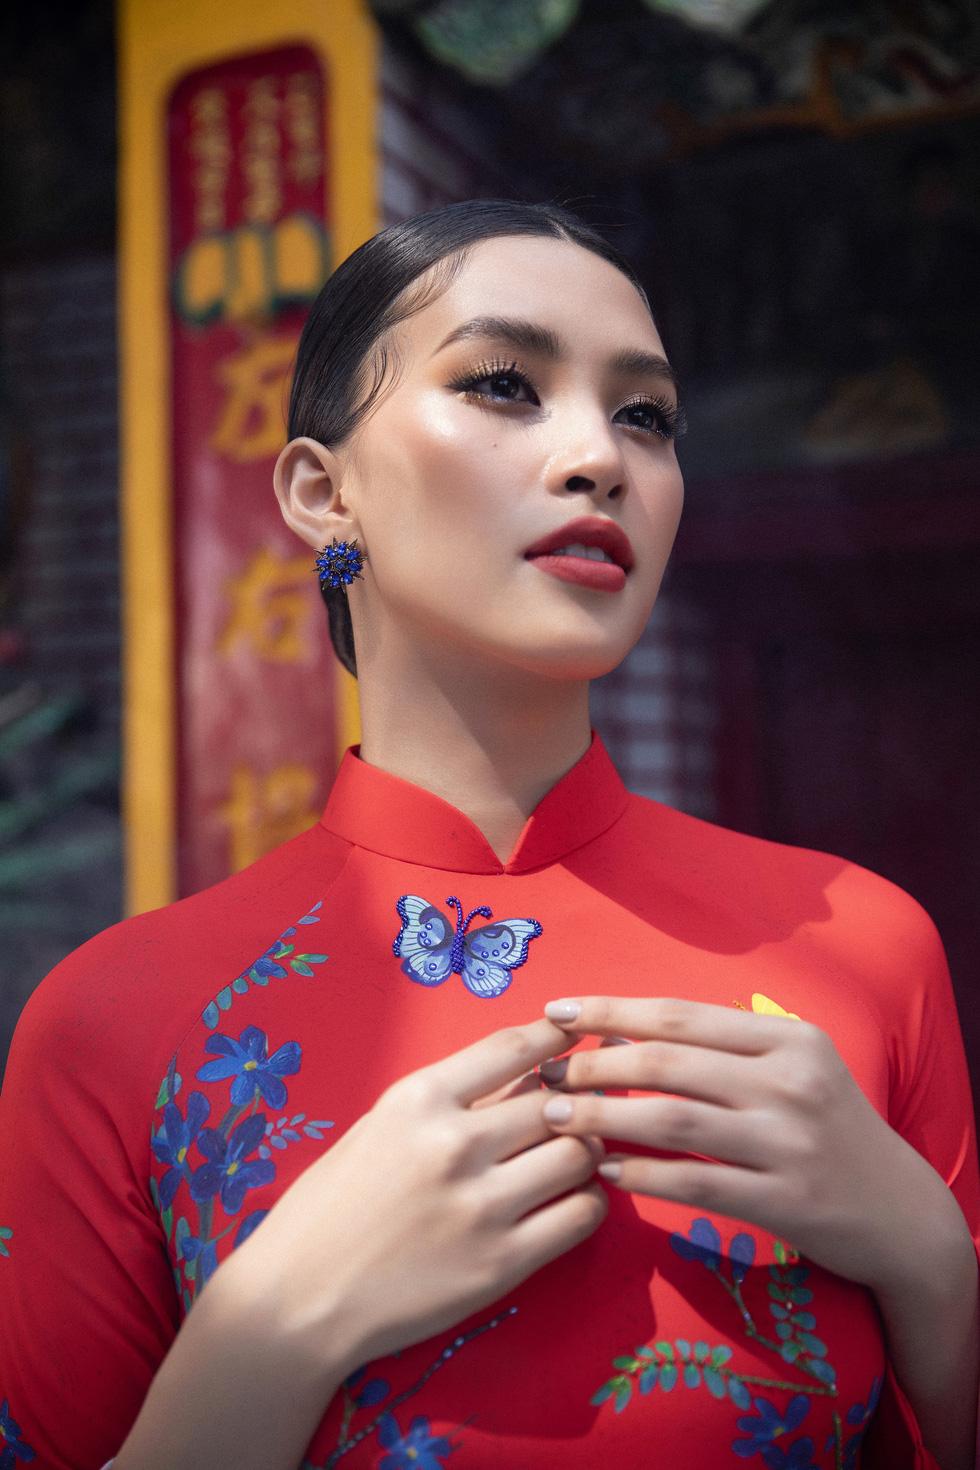 Ngắm Hoa hậu Tiểu Vy trong những tà áo dài sắc hồng, đỏ du xuân - Ảnh 9.